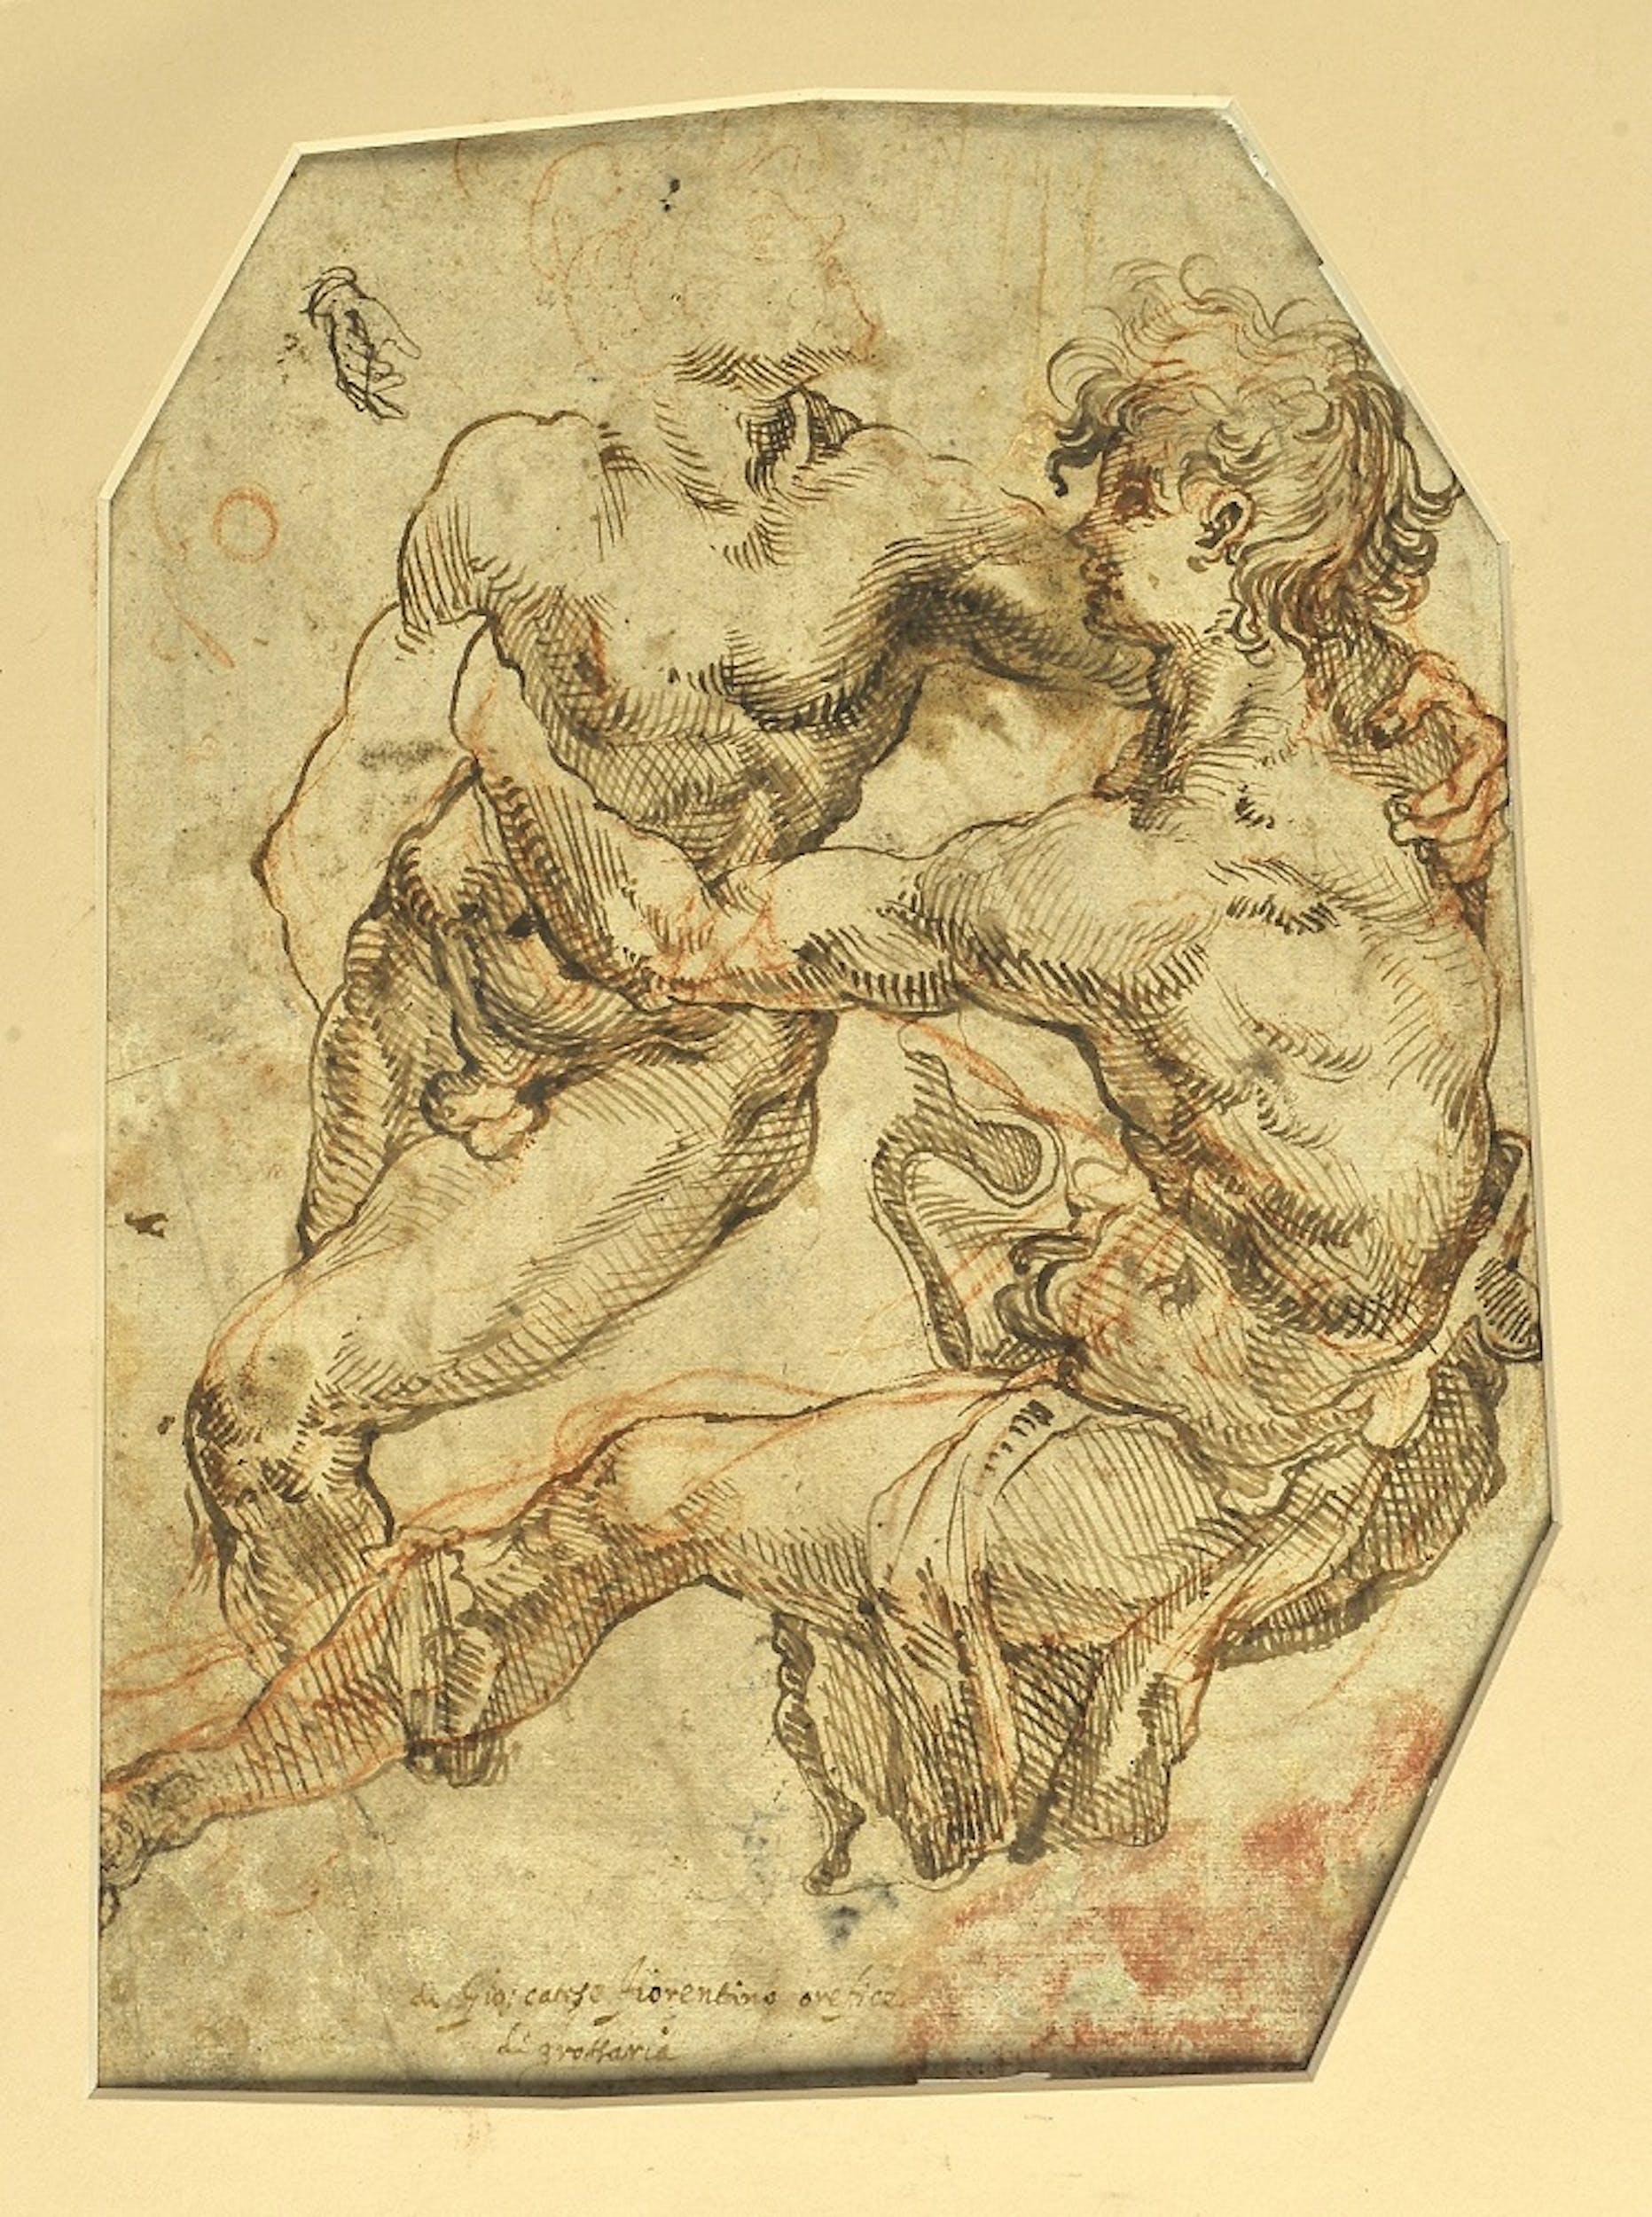 Giovanni Catesi  Studio per un gruppo di due figure maschili, recto, verso, disegno a penna e inchiostro e pietra rossa, 28,8 x 21,3 cm